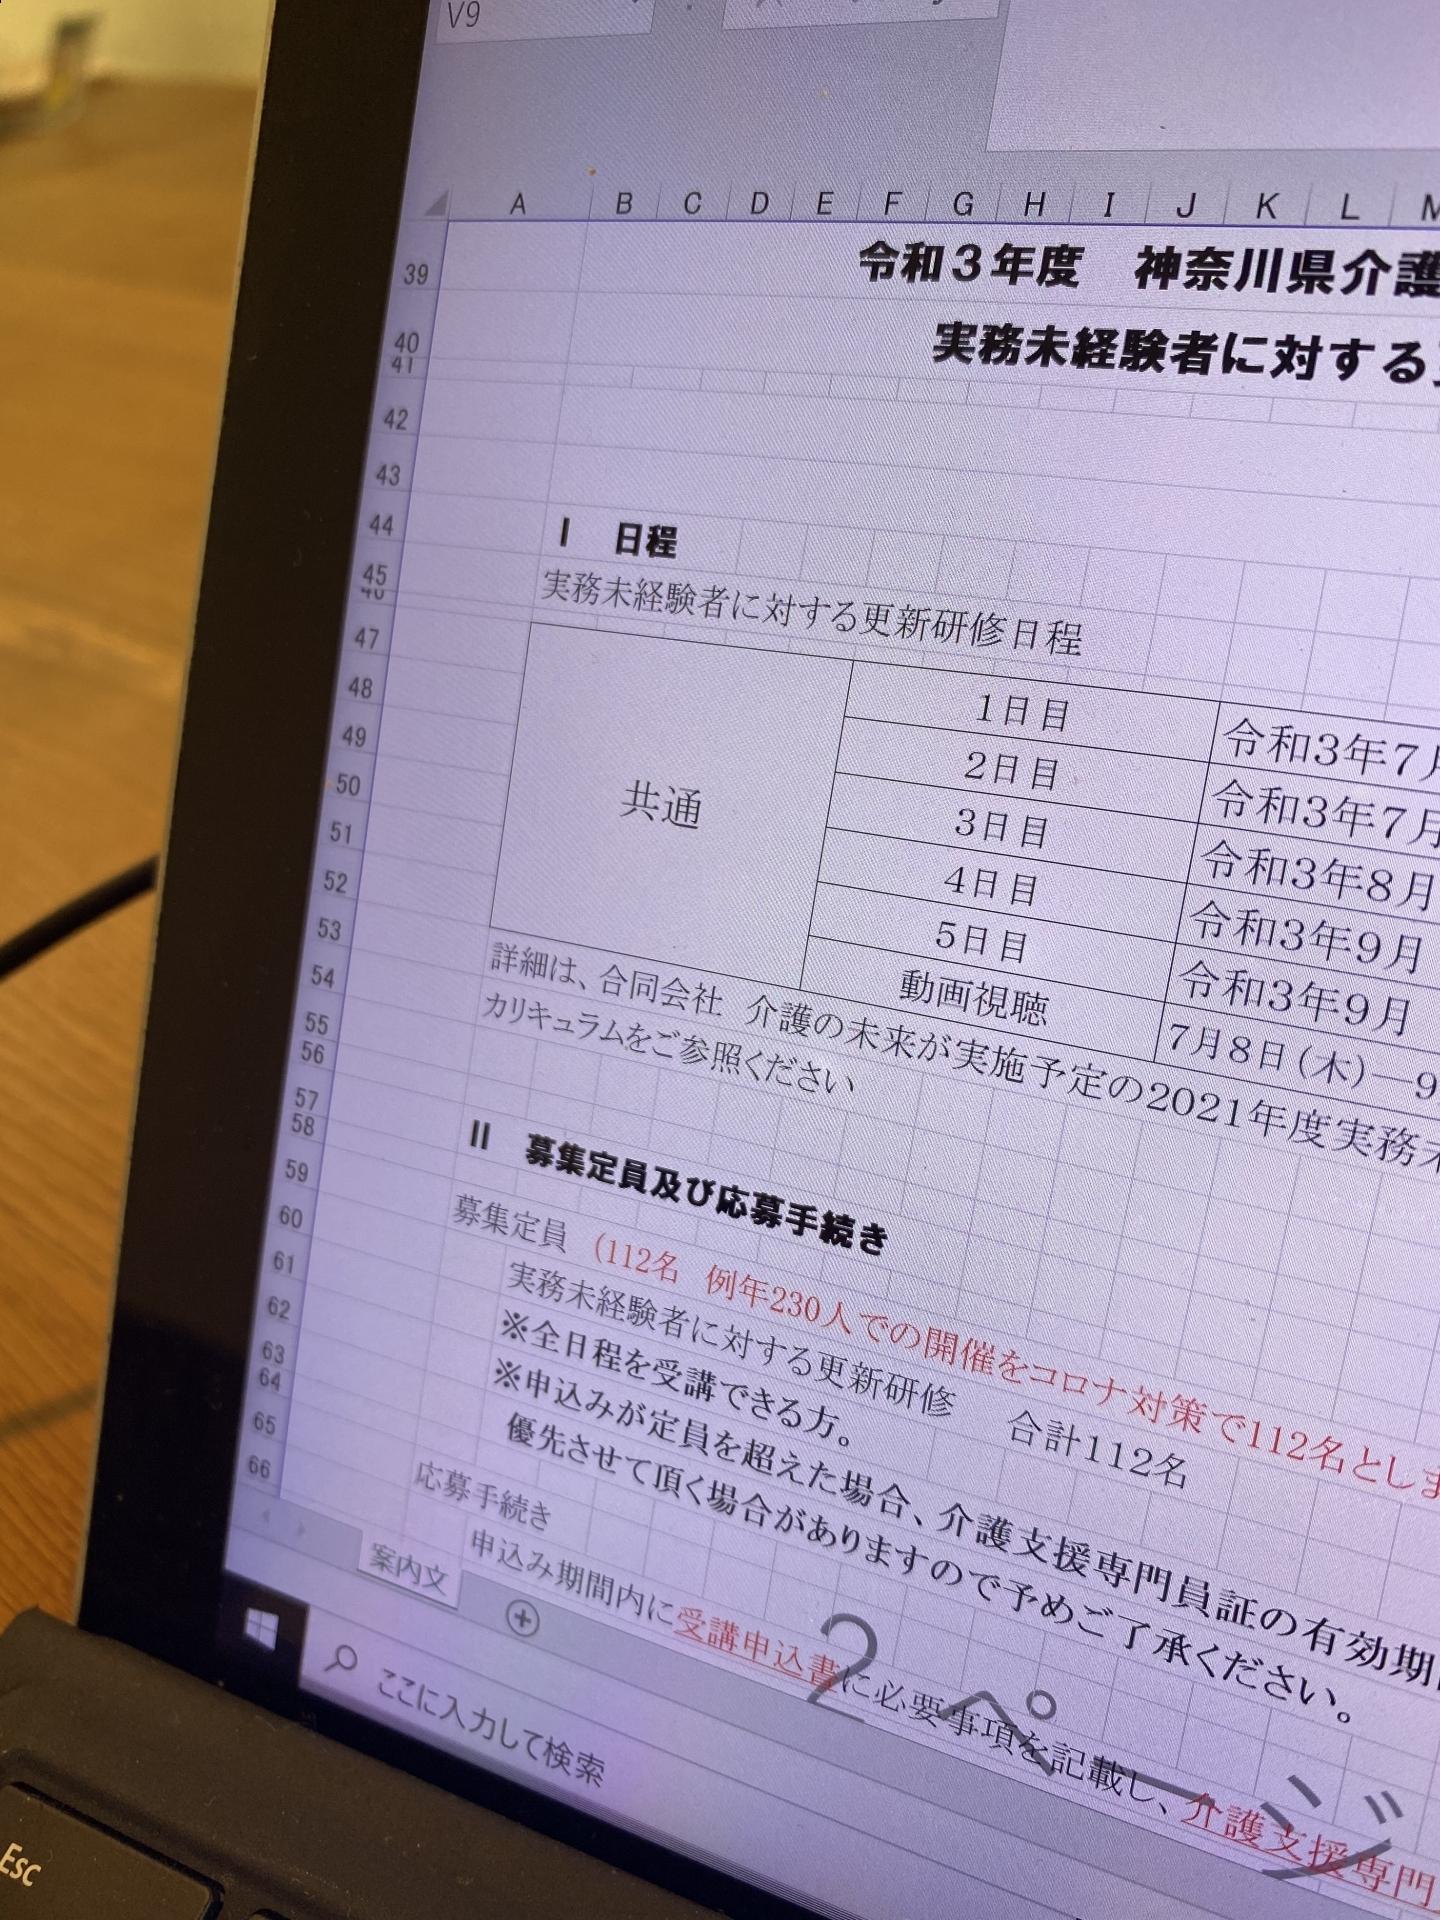 【330】 緊急増回の調整中(ケアマネ研修:@実務未経験研修)